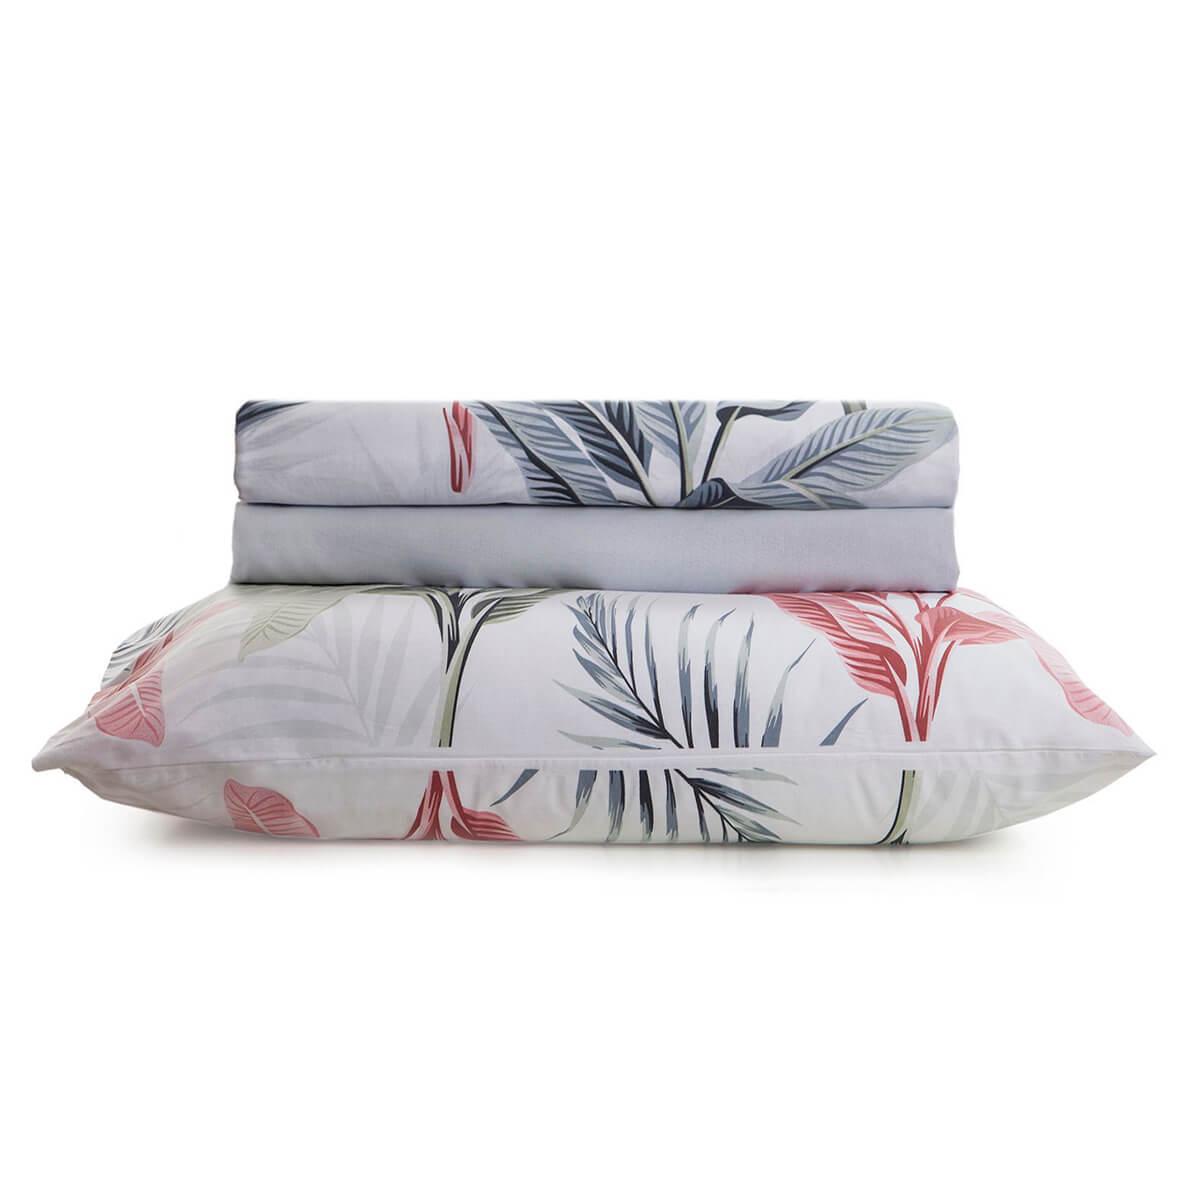 Jogo de Cama King 4 Peças 100% Algodão Home Design Palm